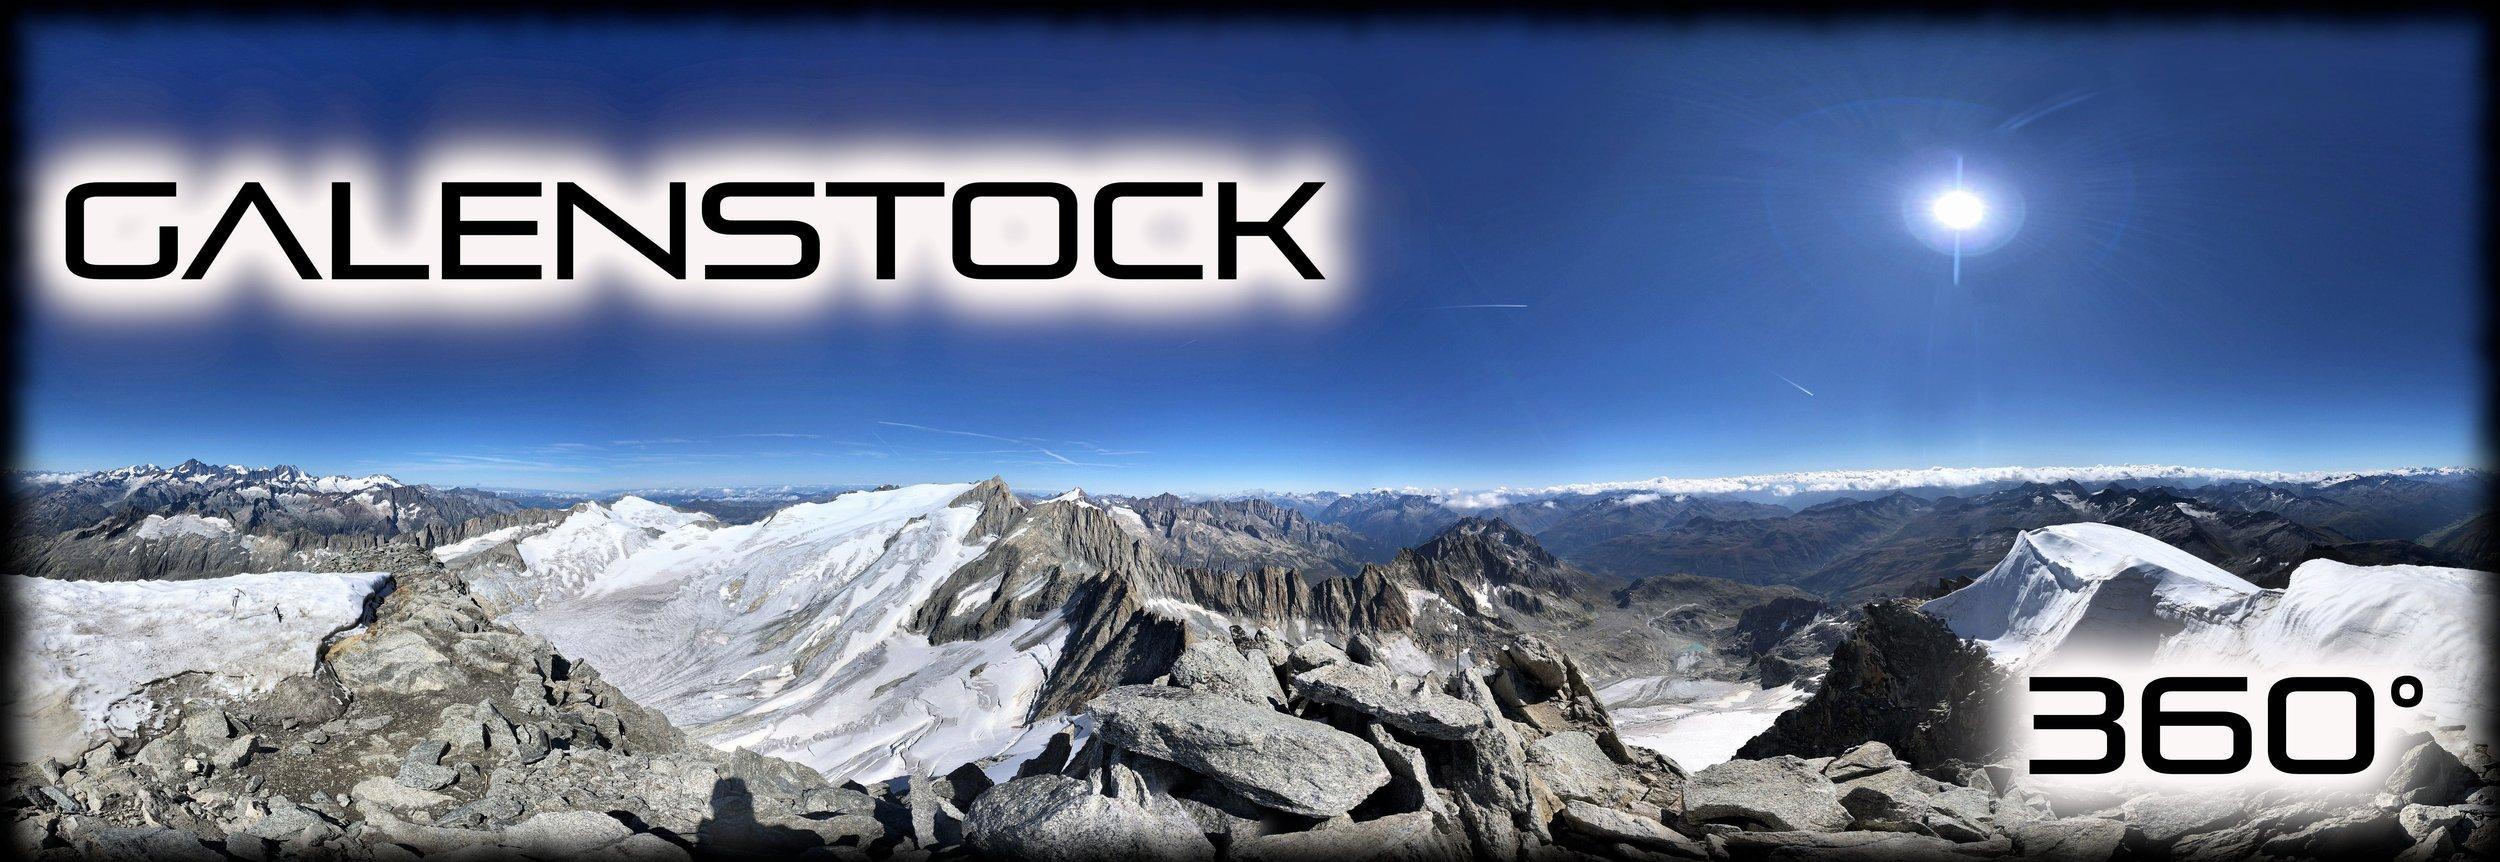 Galenstock 360° Bergtour